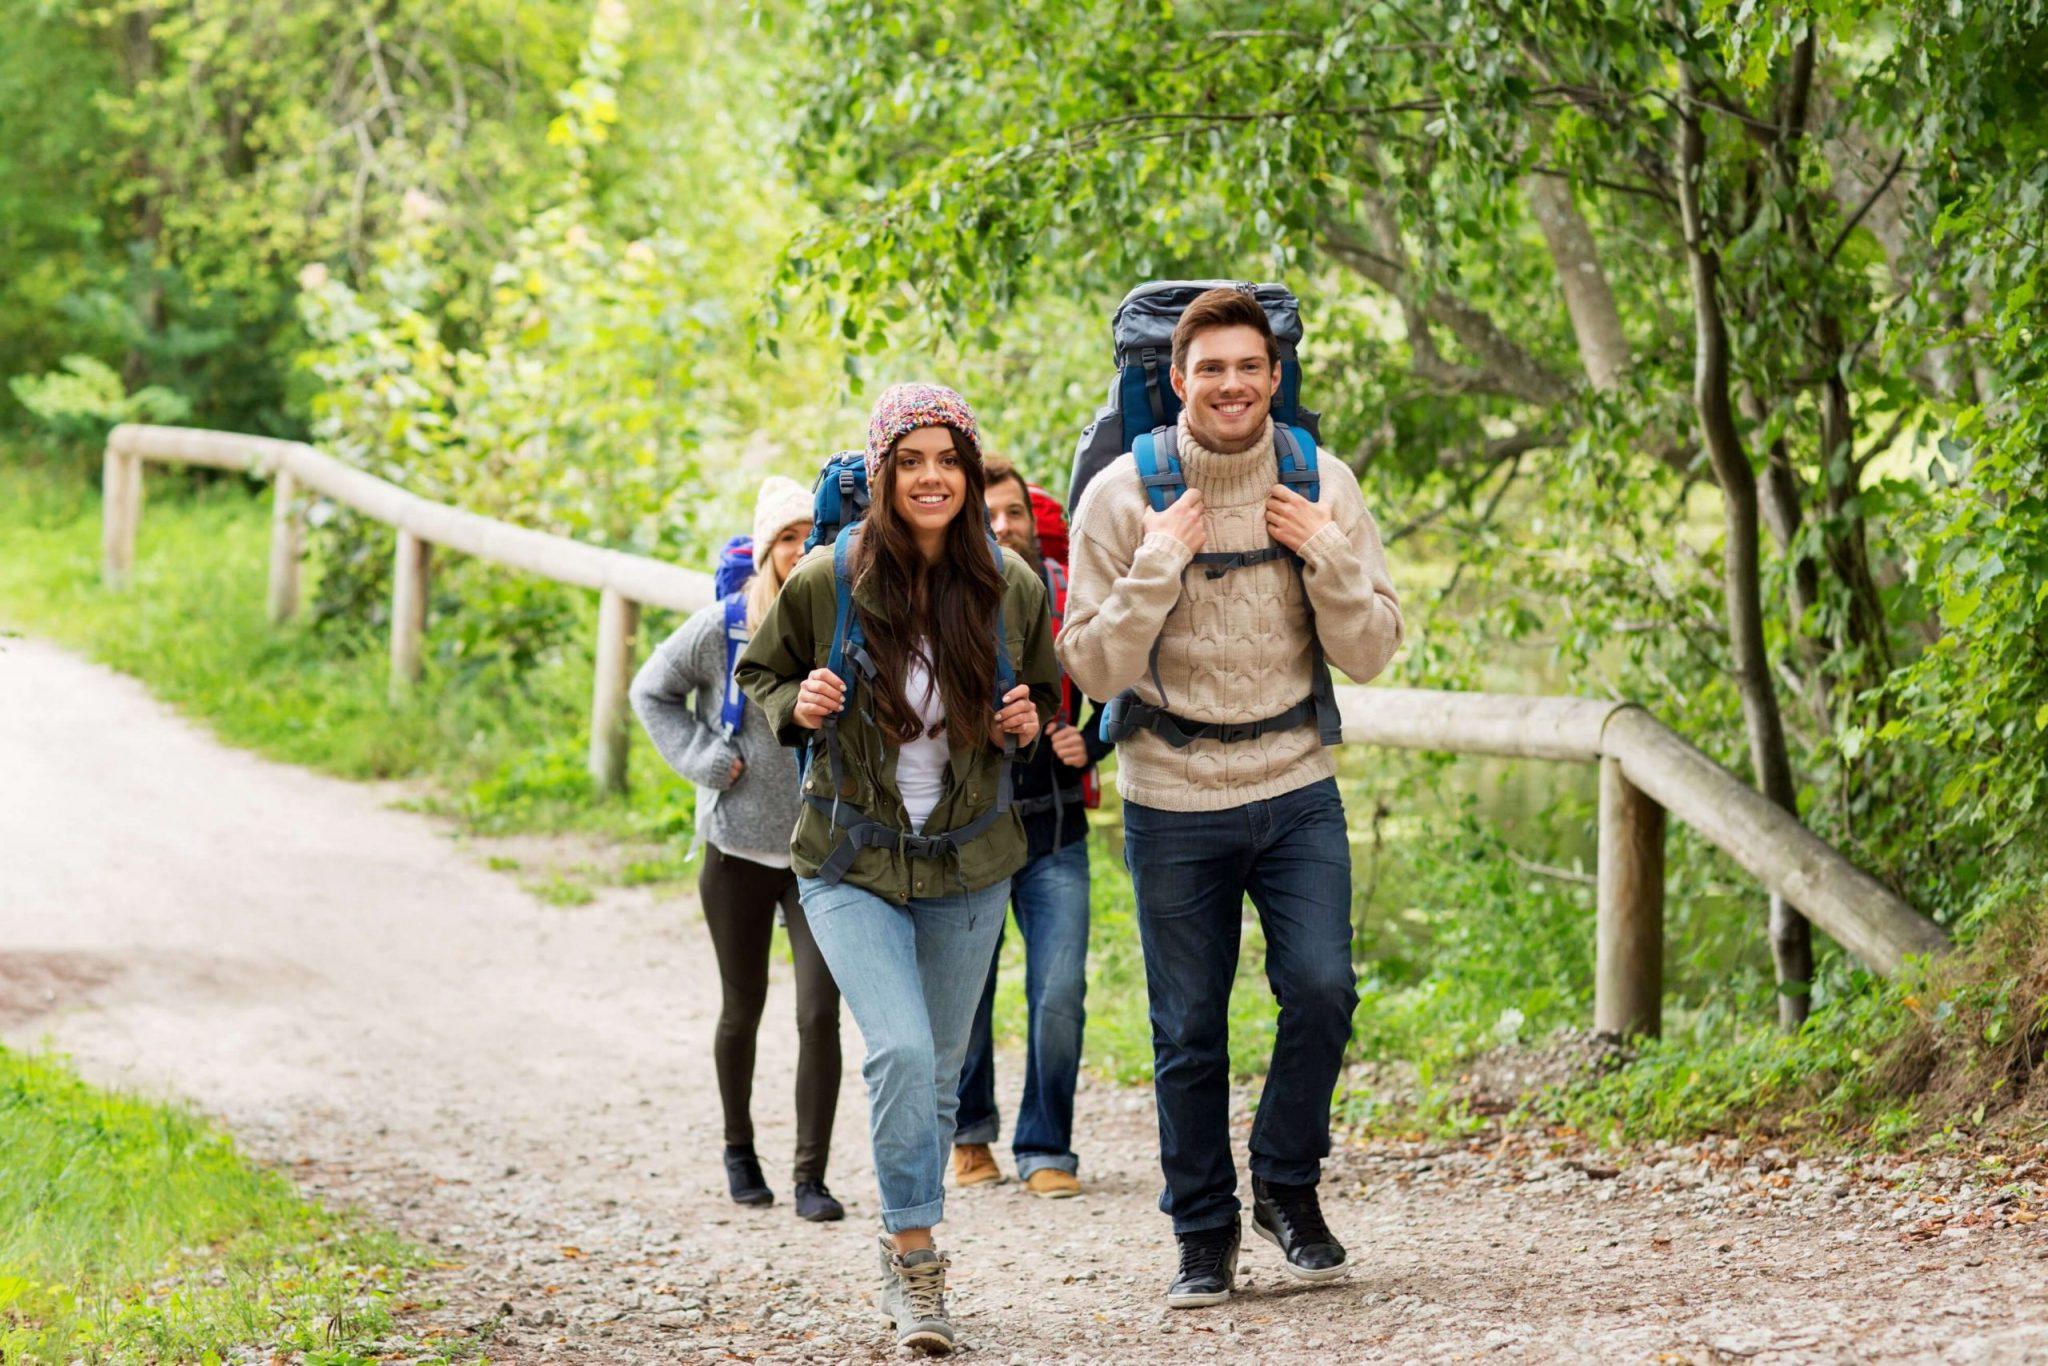 szlaki turystyczne 5 scaled - Masz ochotę na spacer? Wybierz jeden z pomorskich szlaków turystycznych